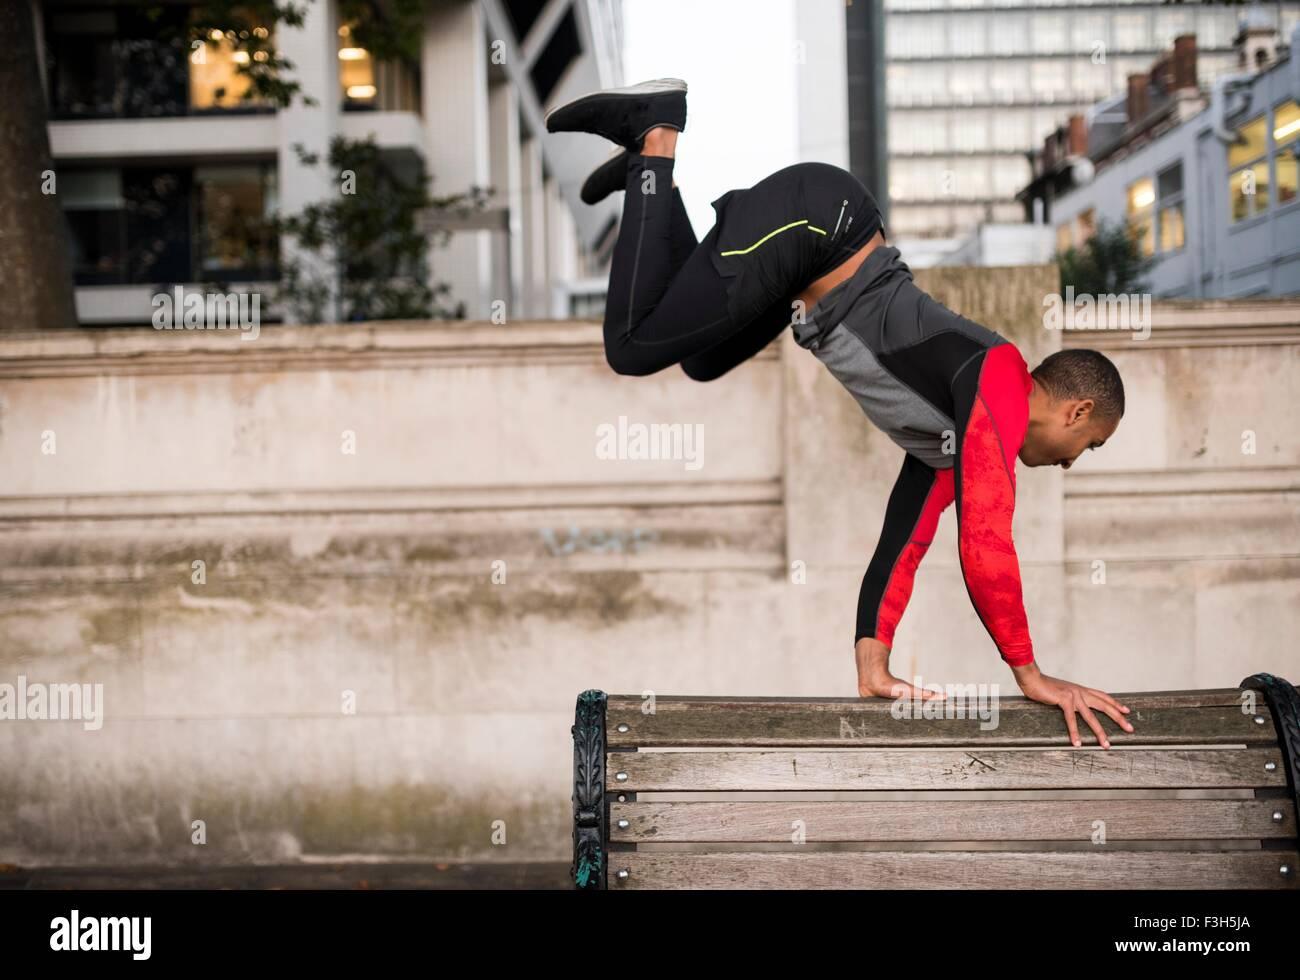 Joven saltando sobre un banco del parque en la ciudad Imagen De Stock